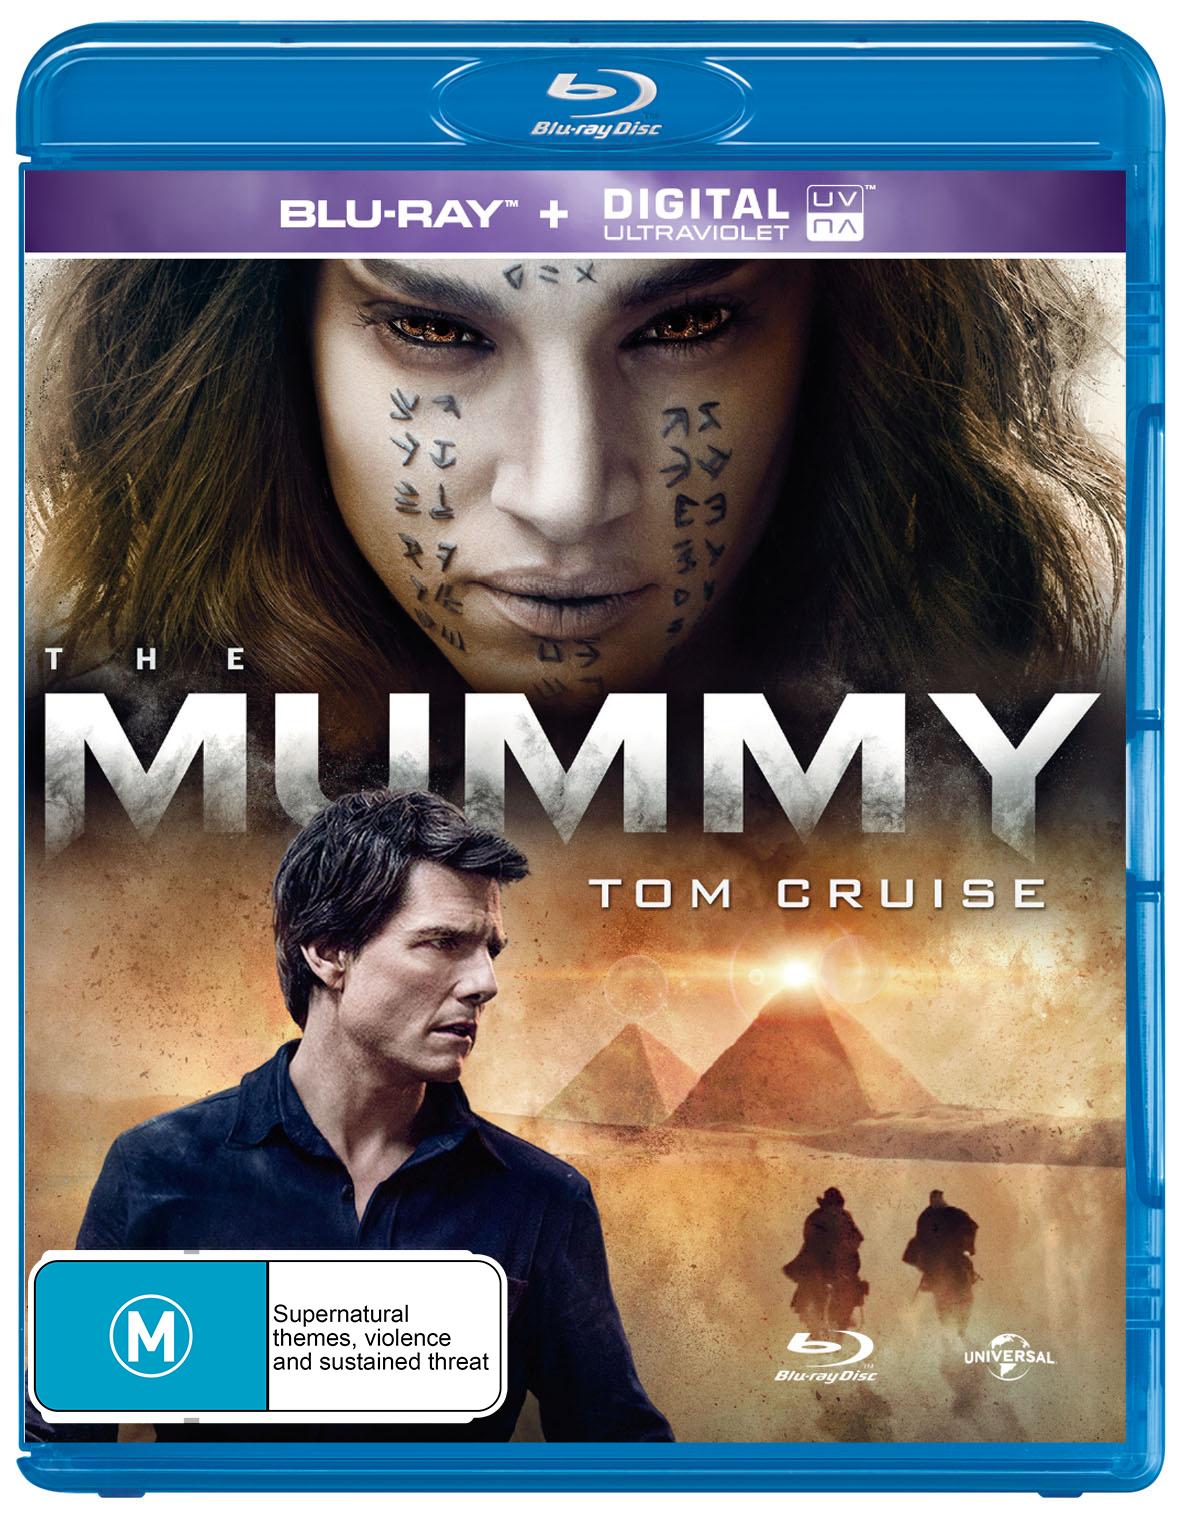 The Mummy (2017) on Blu-ray image